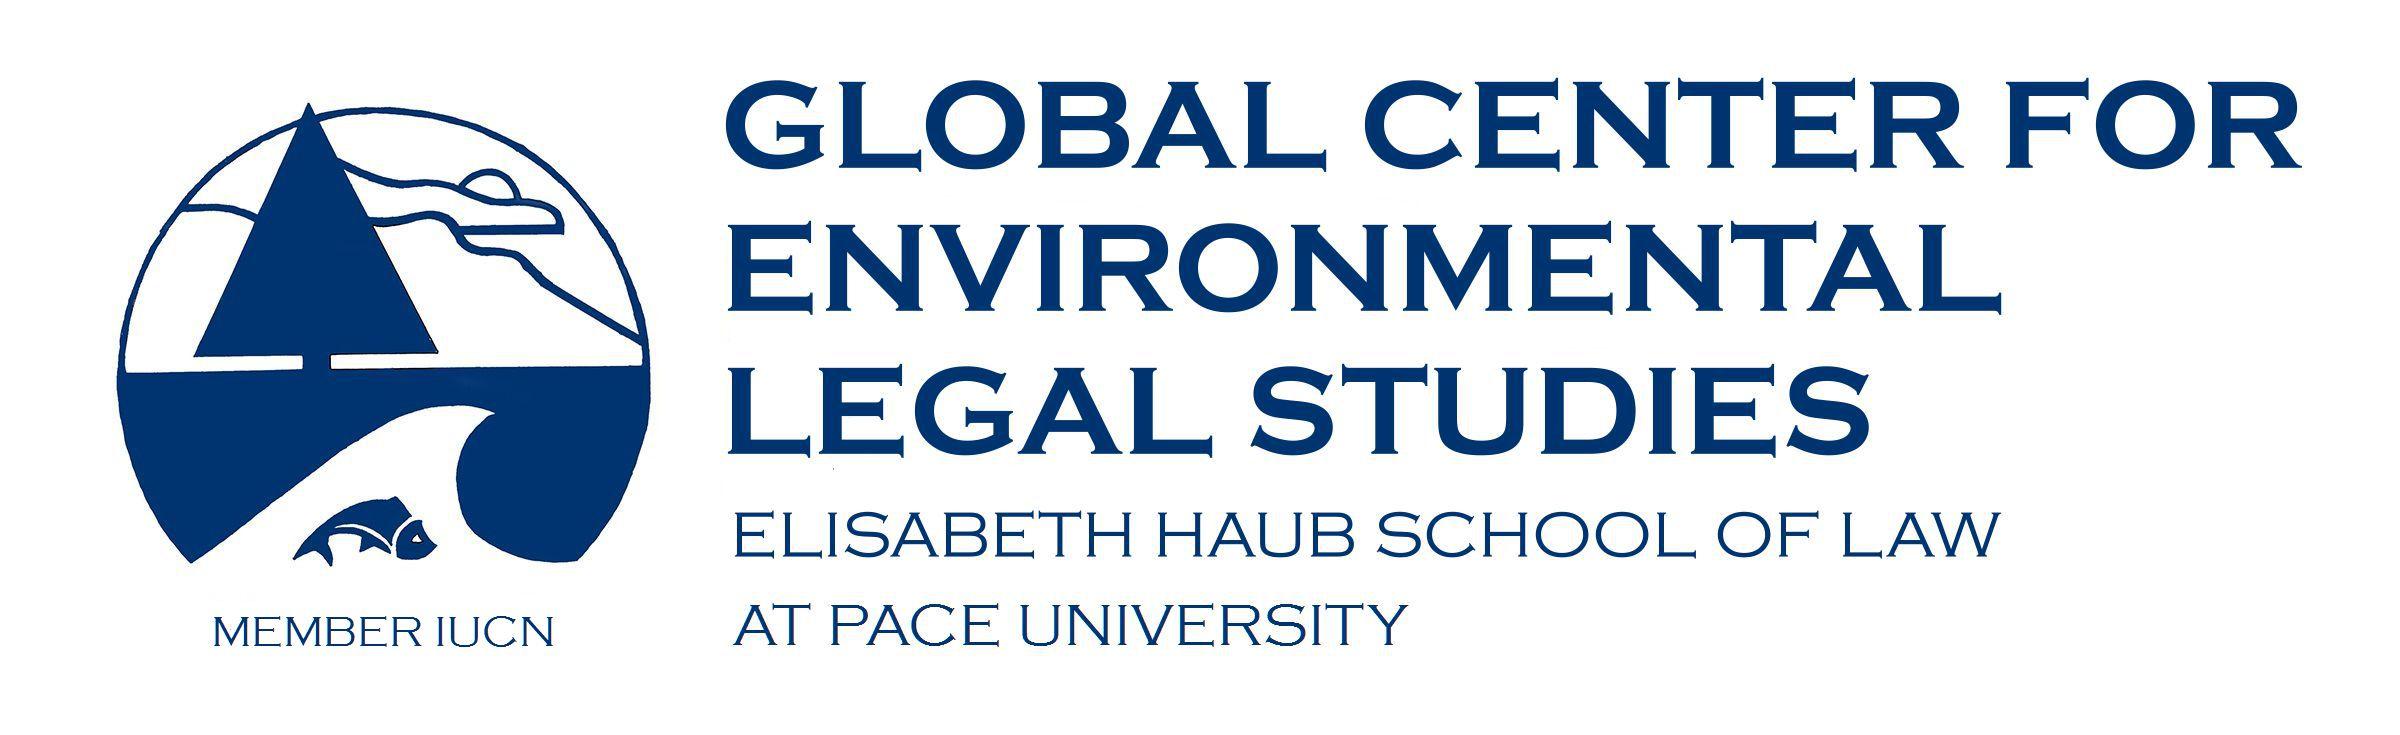 GlobalLogo_FINAL_Rev.jpg